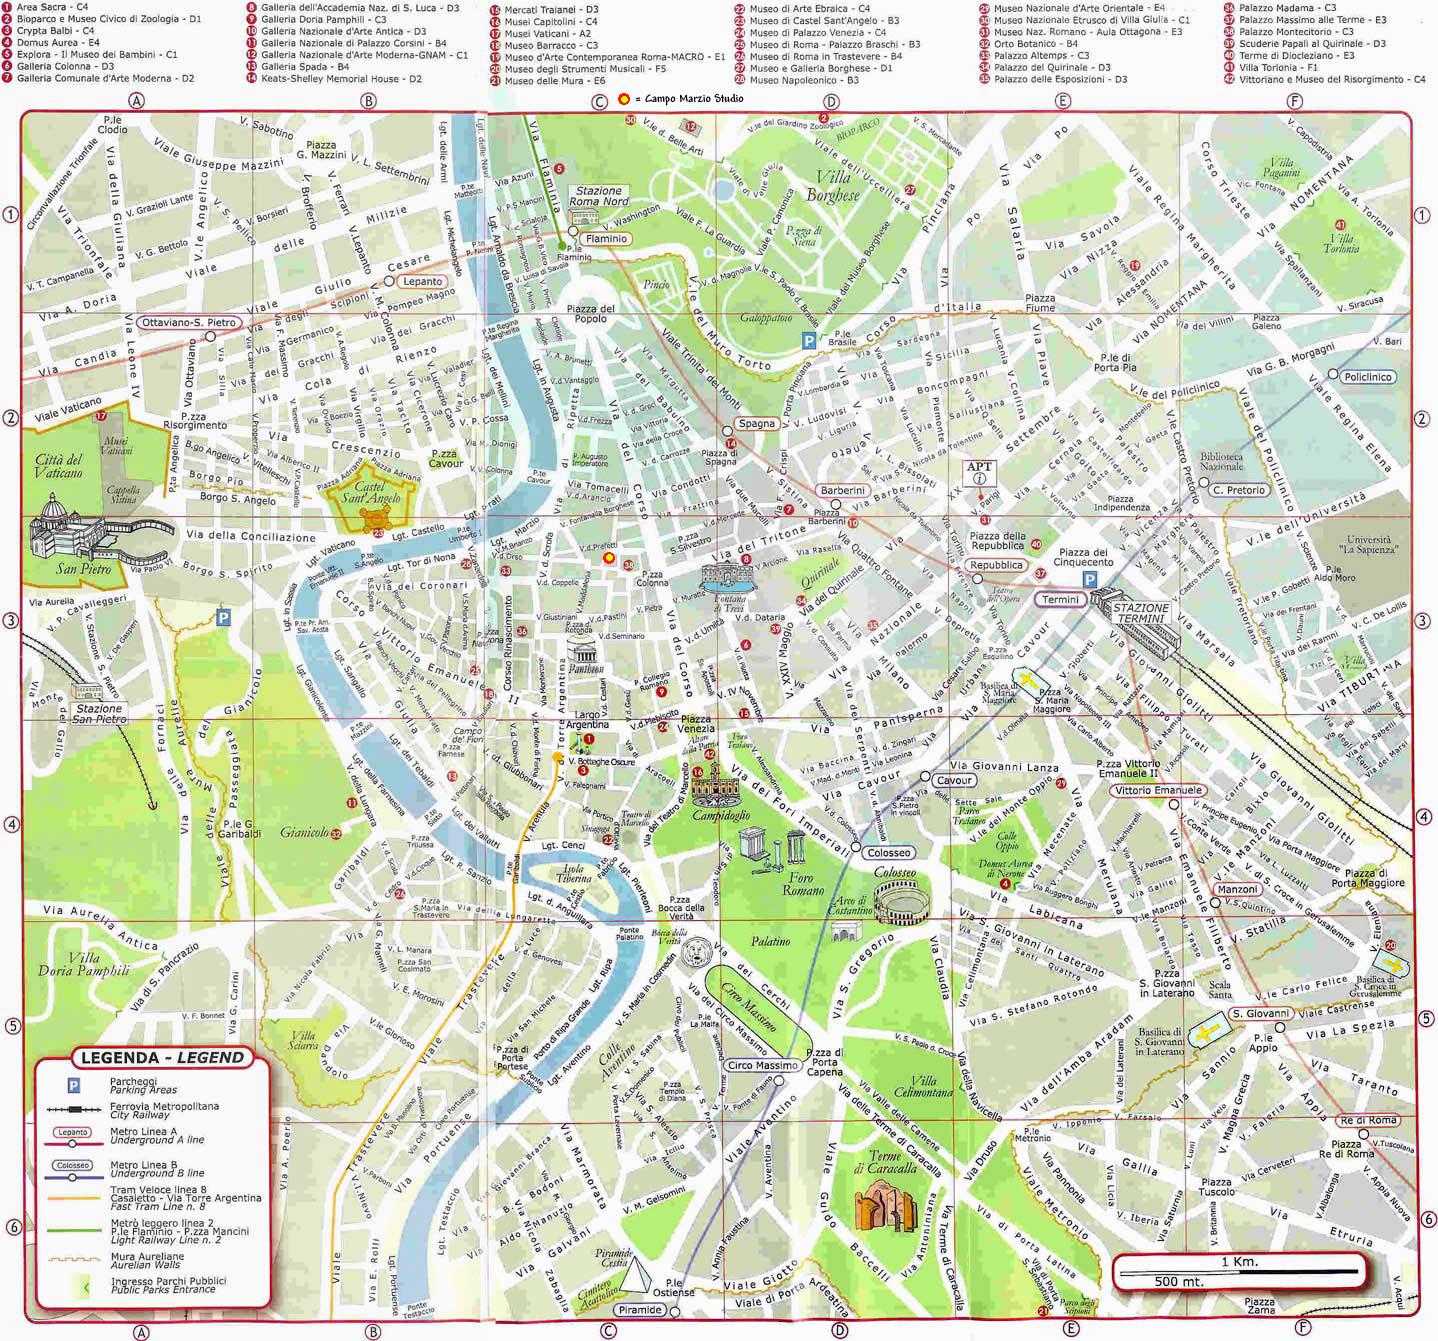 karta på rom Rom 8 12 Mars 2007 karta på rom